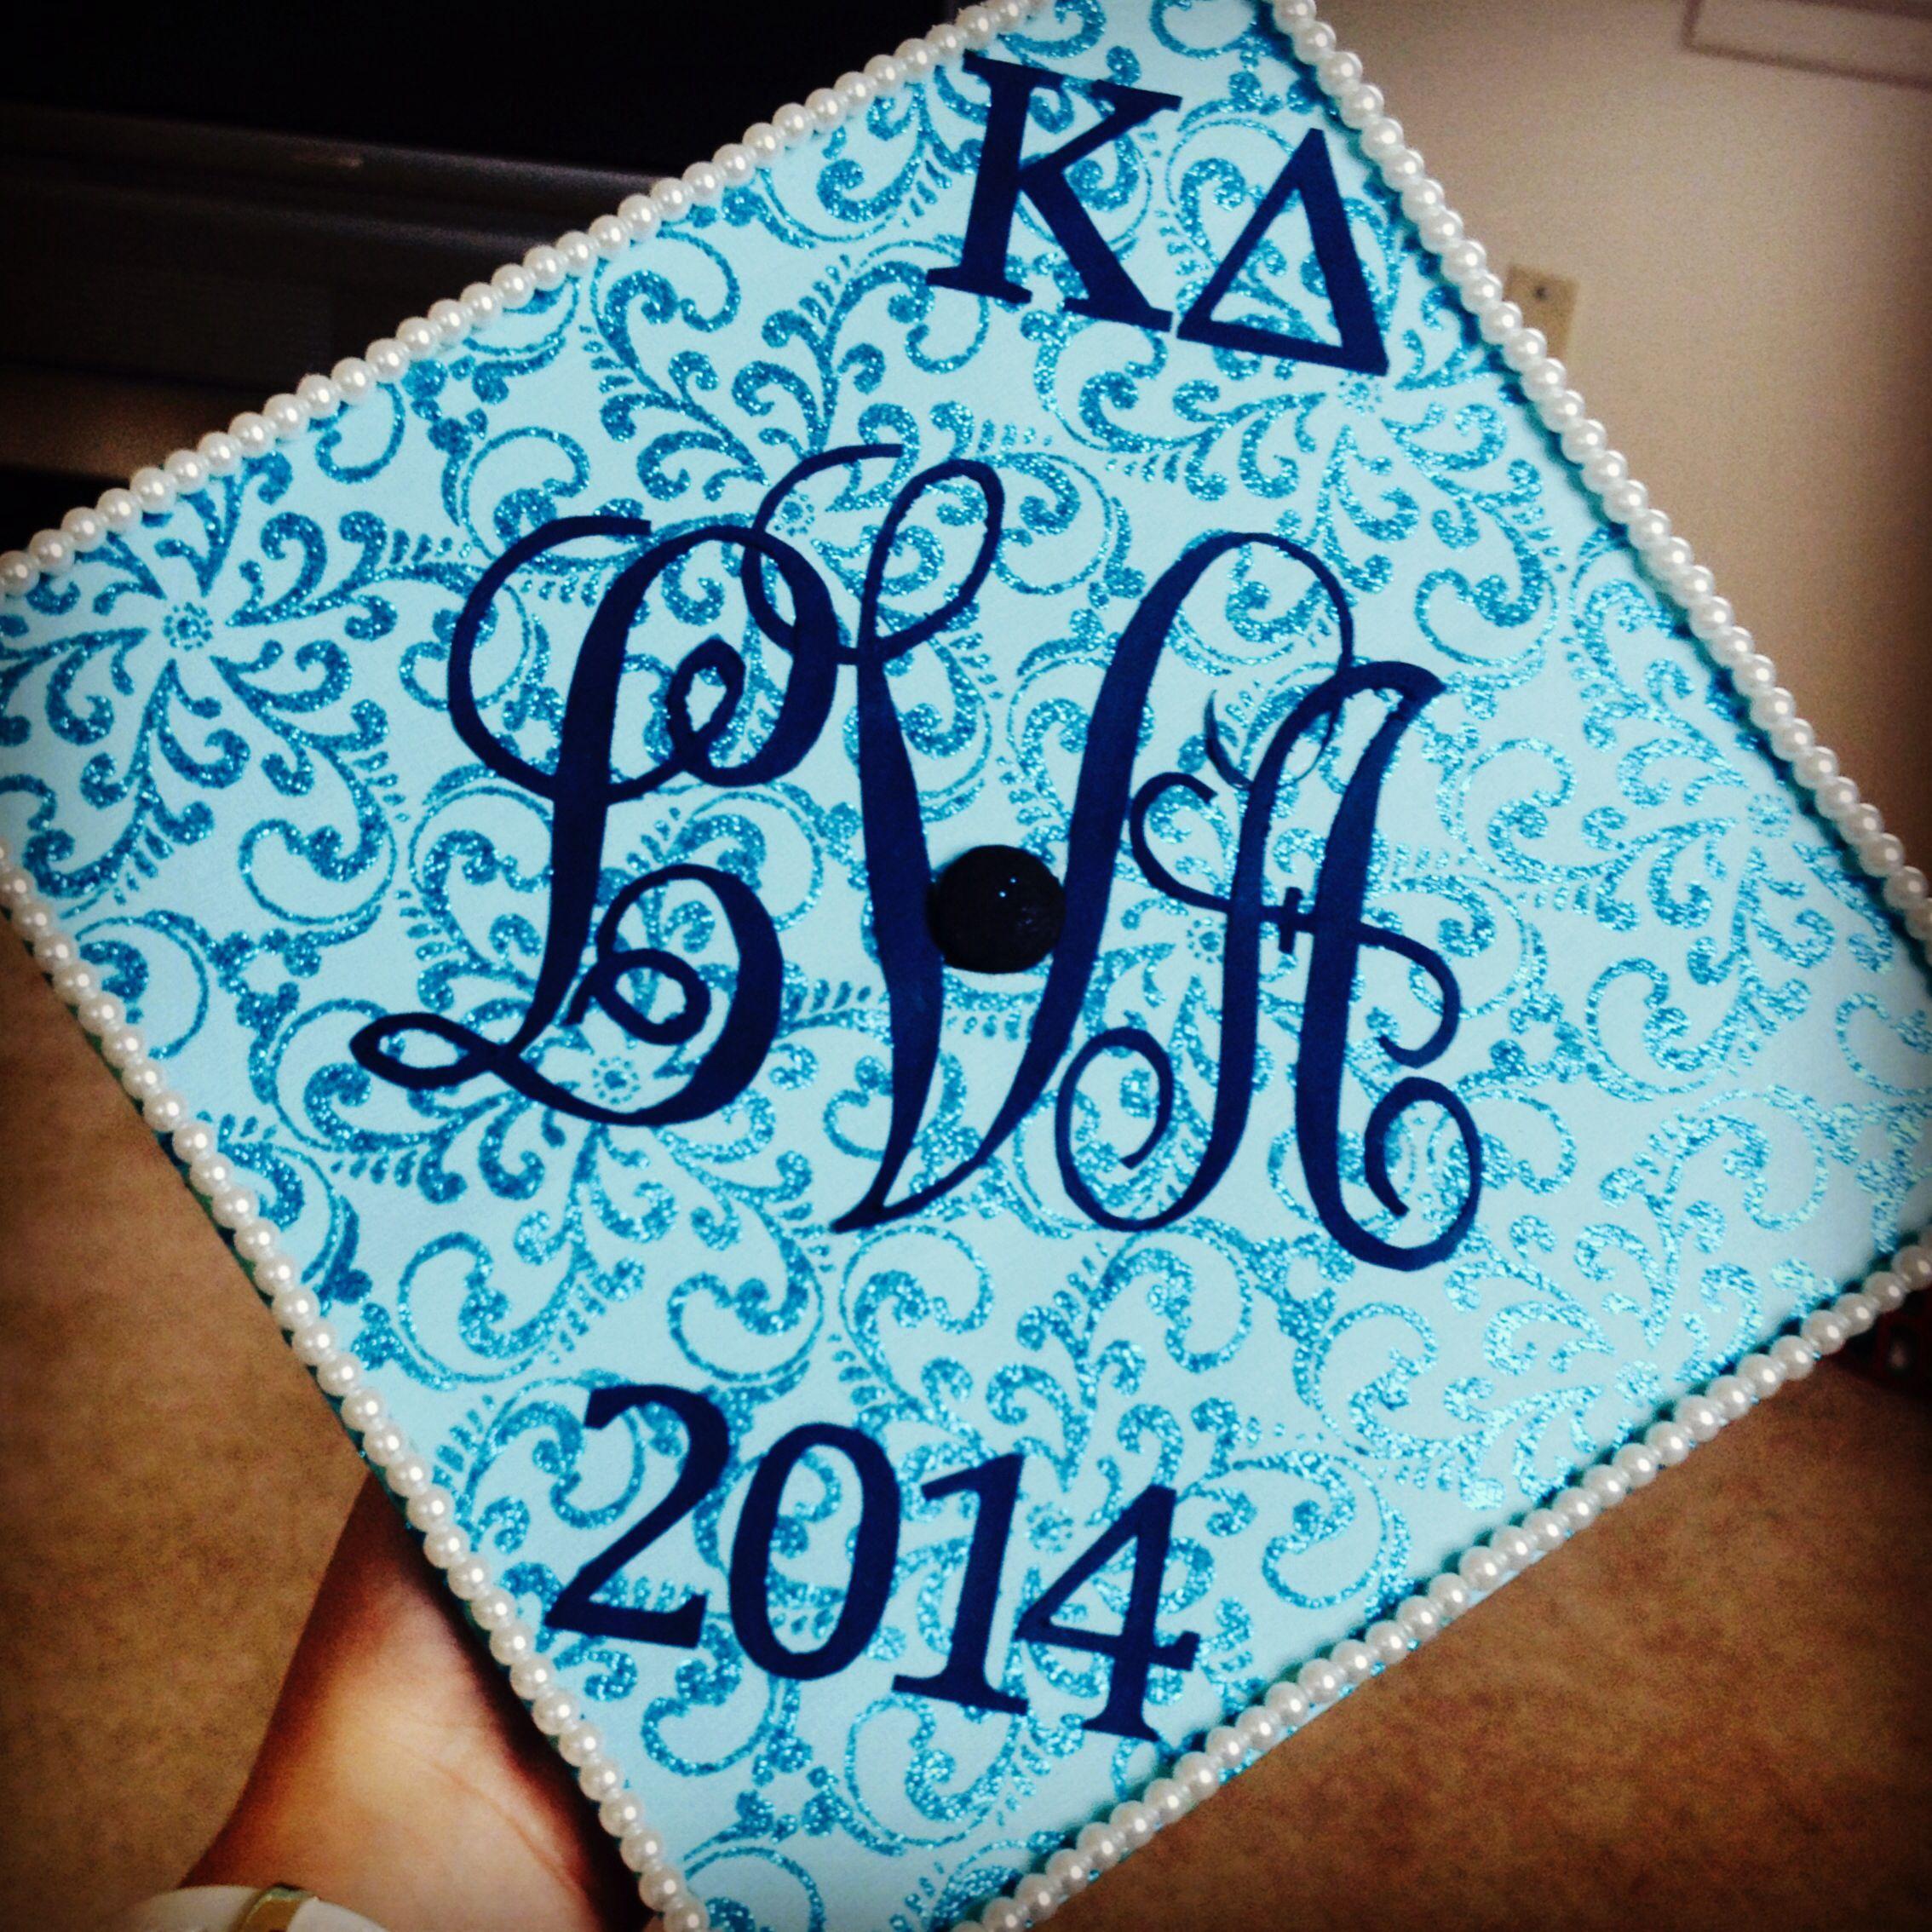 Kappa Delta Graduation Cap